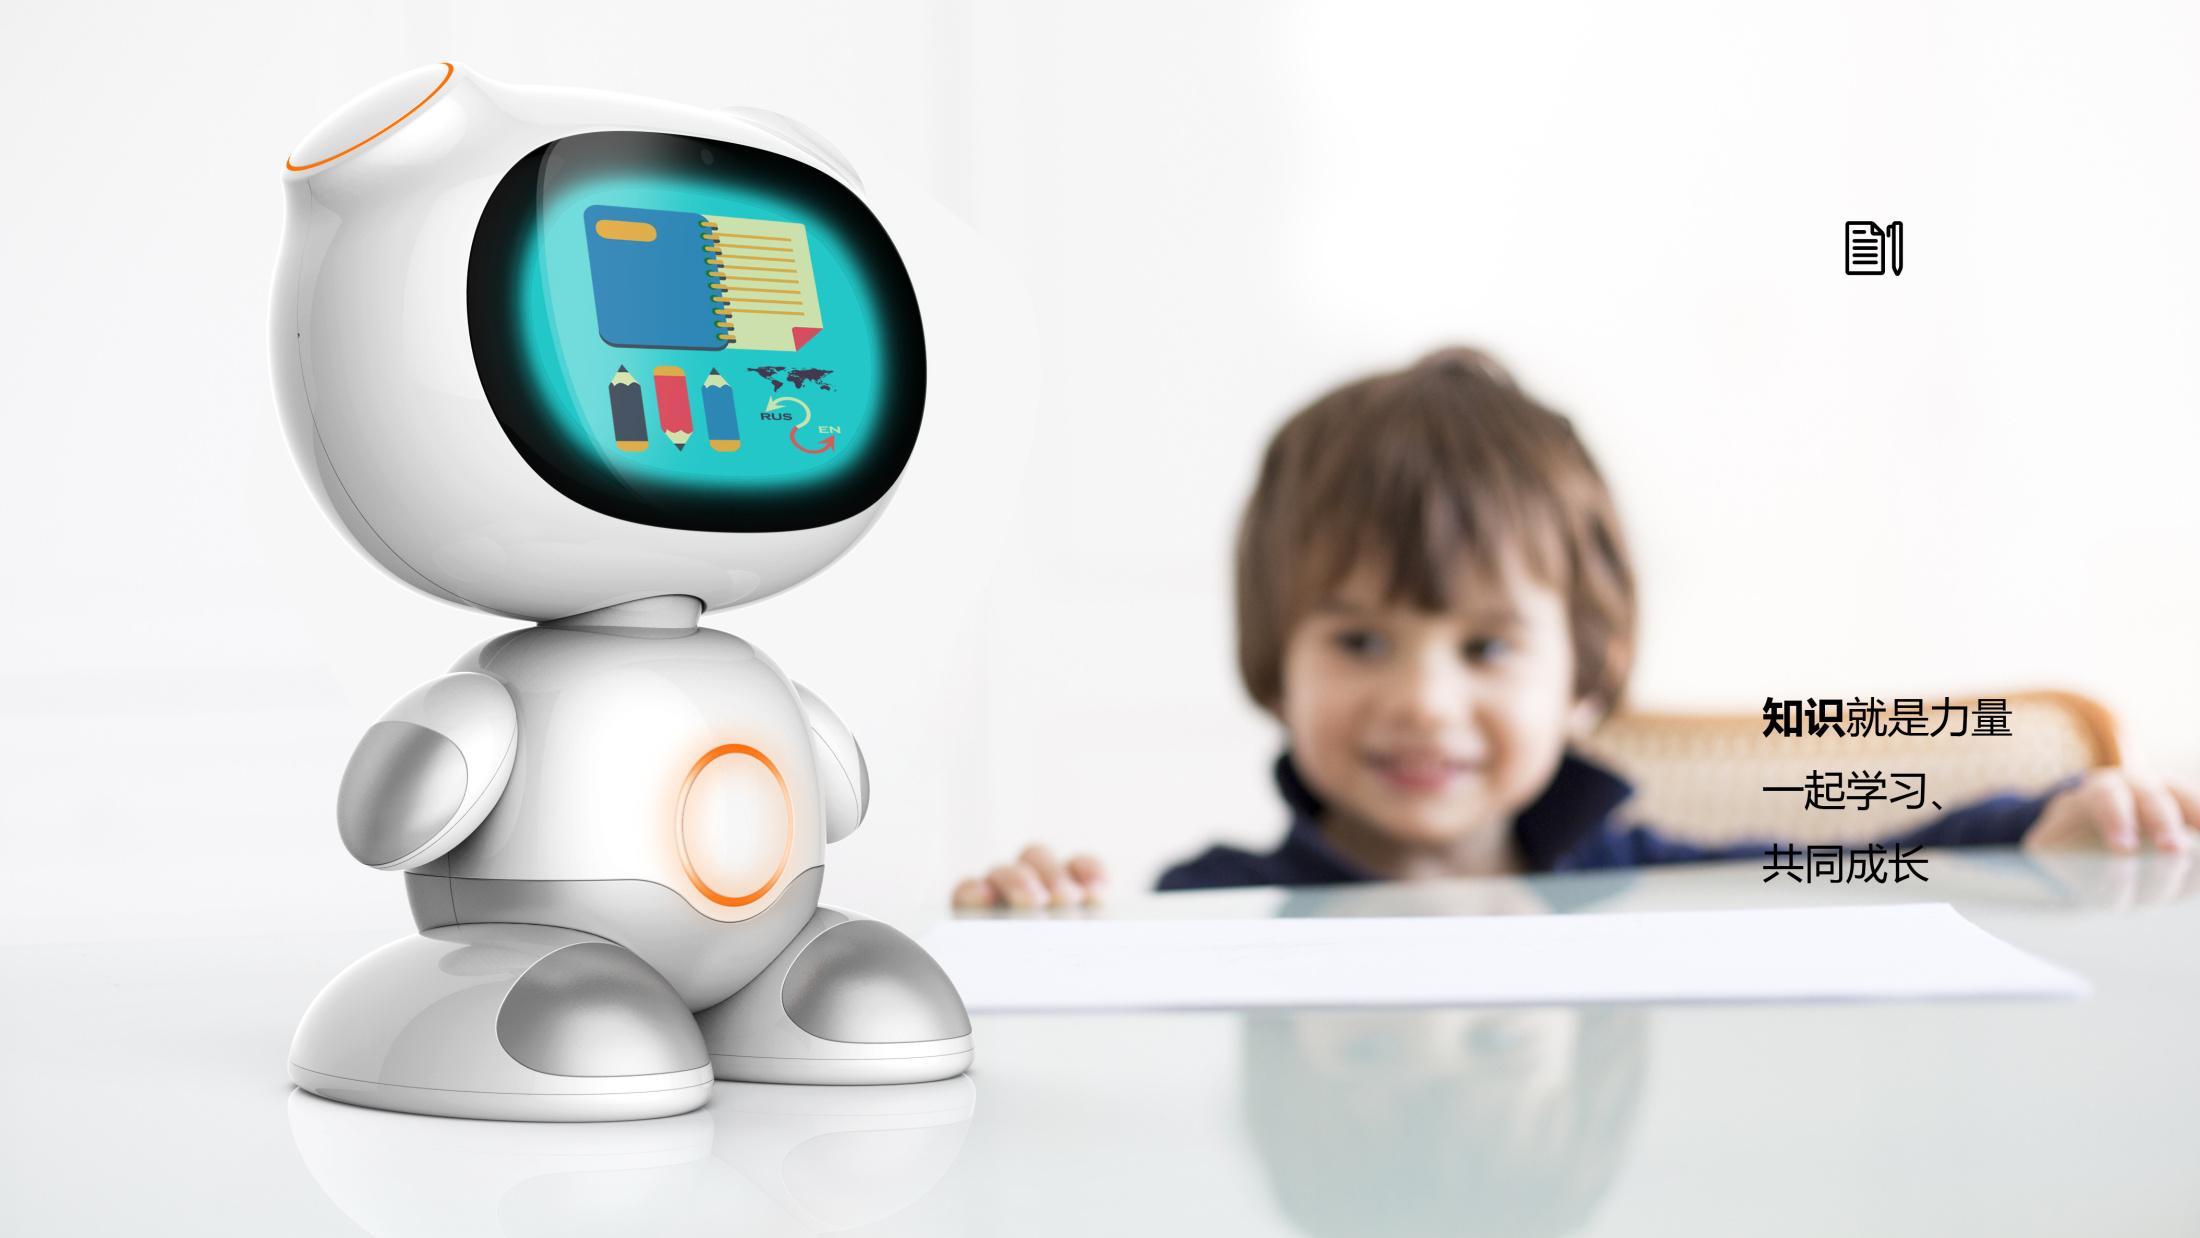 廣州哪里有供應高性價智能早教機器人_如何選購智能早教機器人